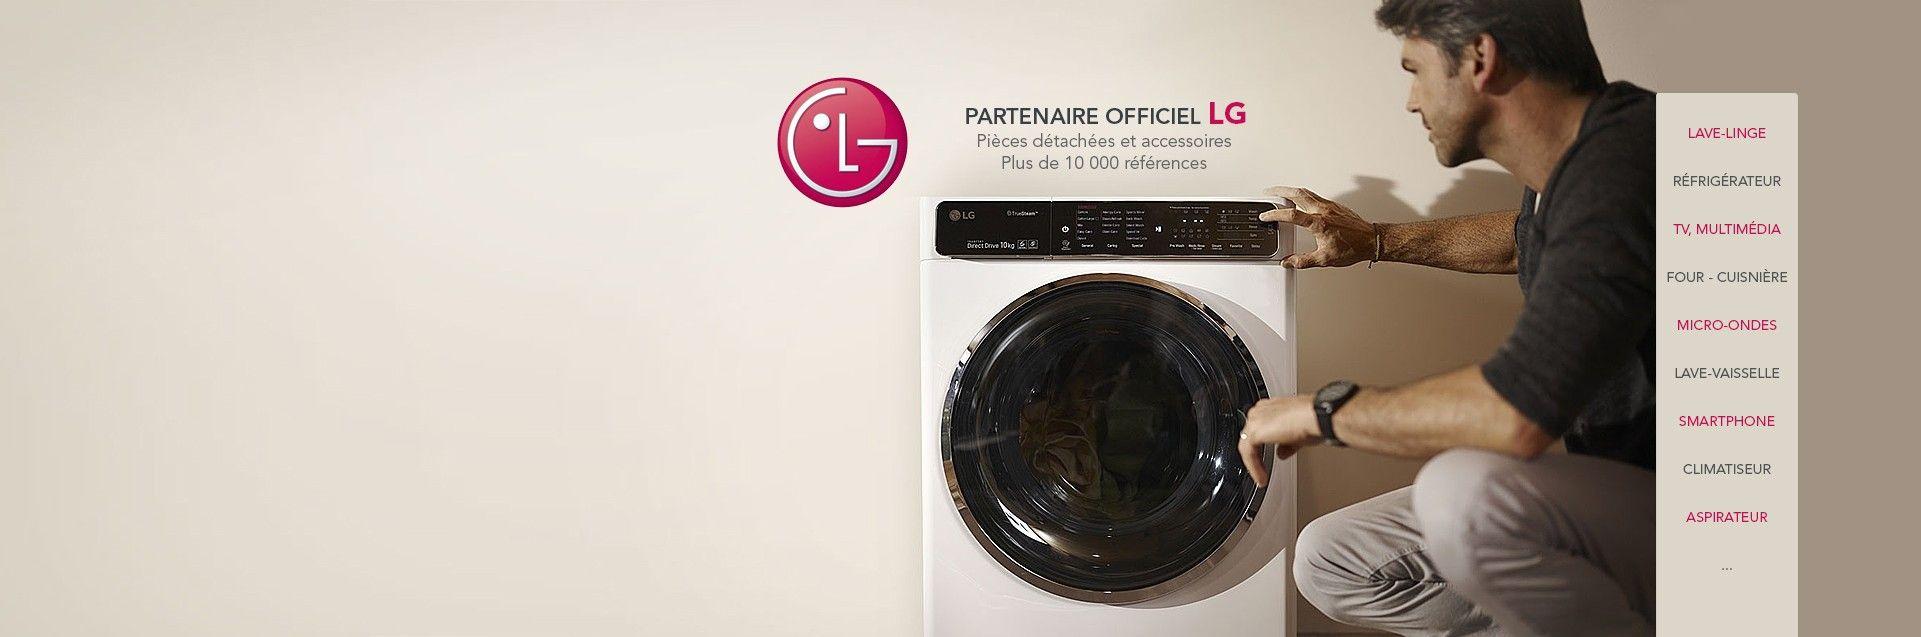 SOS Accessoire est partenaire officiel LG